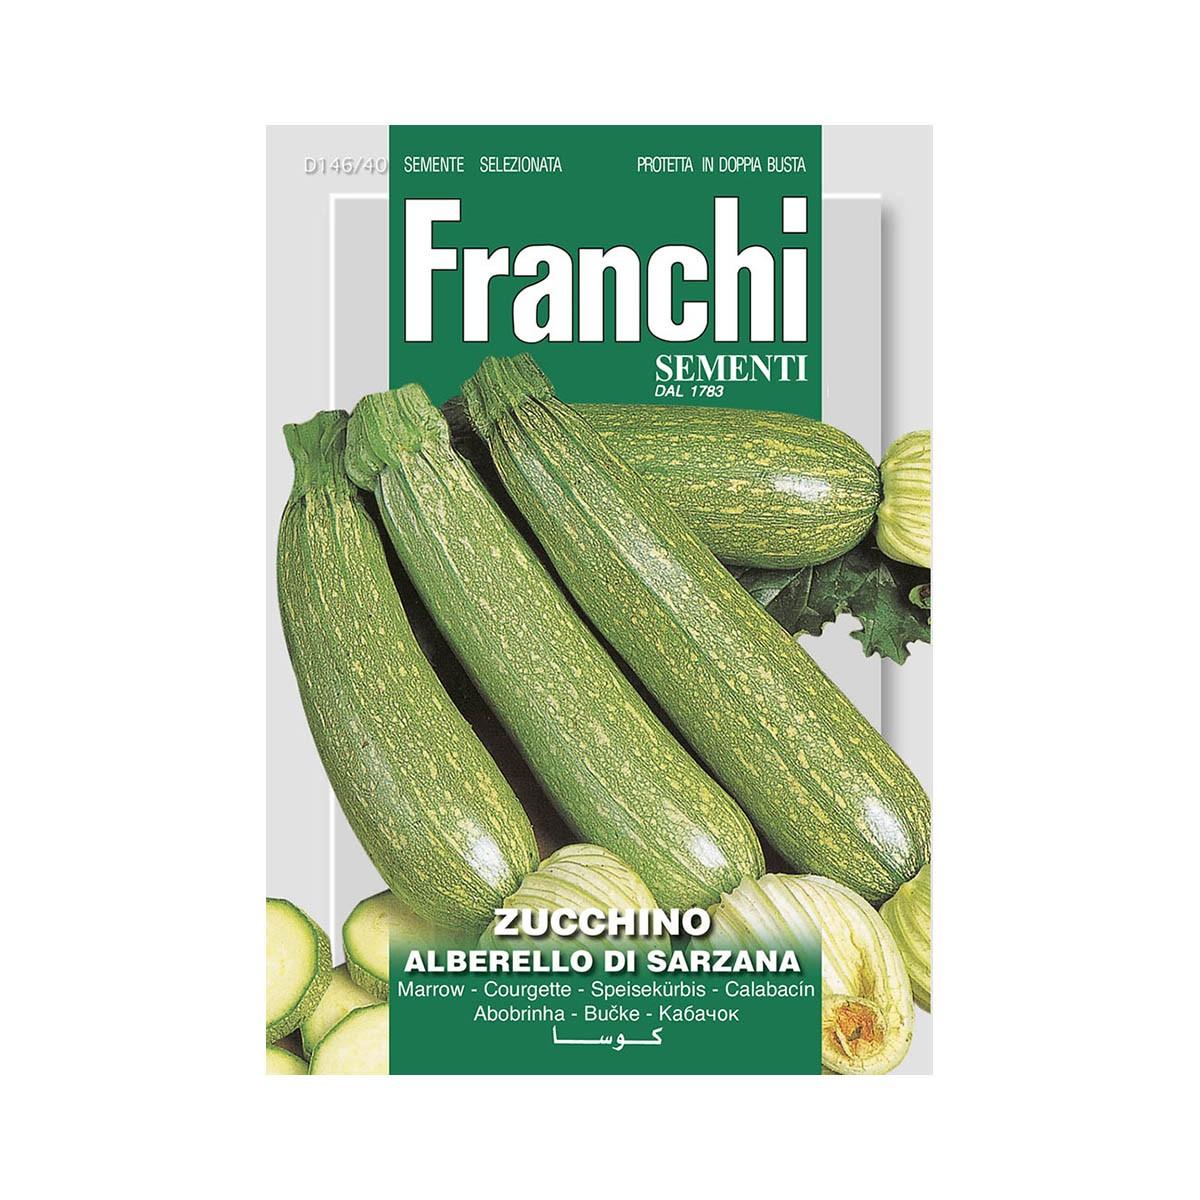 Semi Zucchino Alberello Di Sarzana